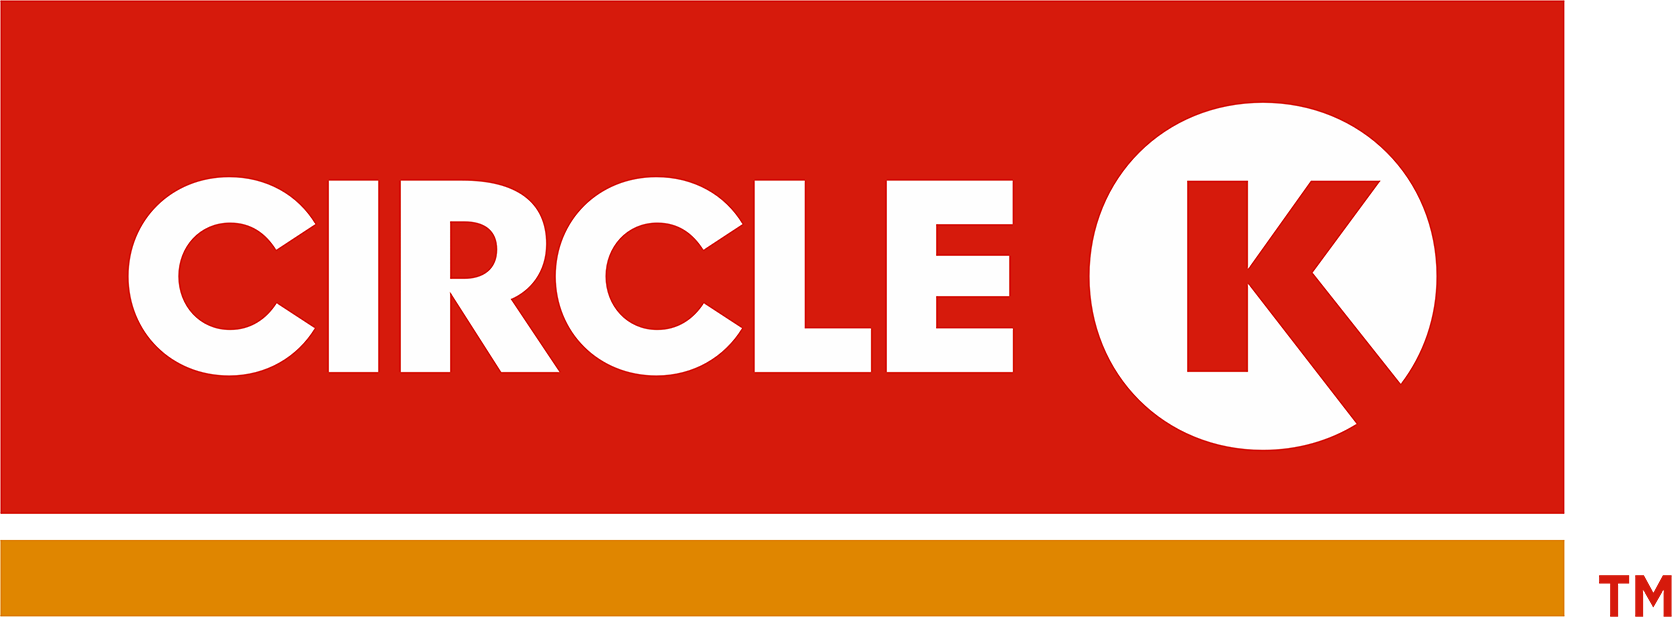 Circle_K1